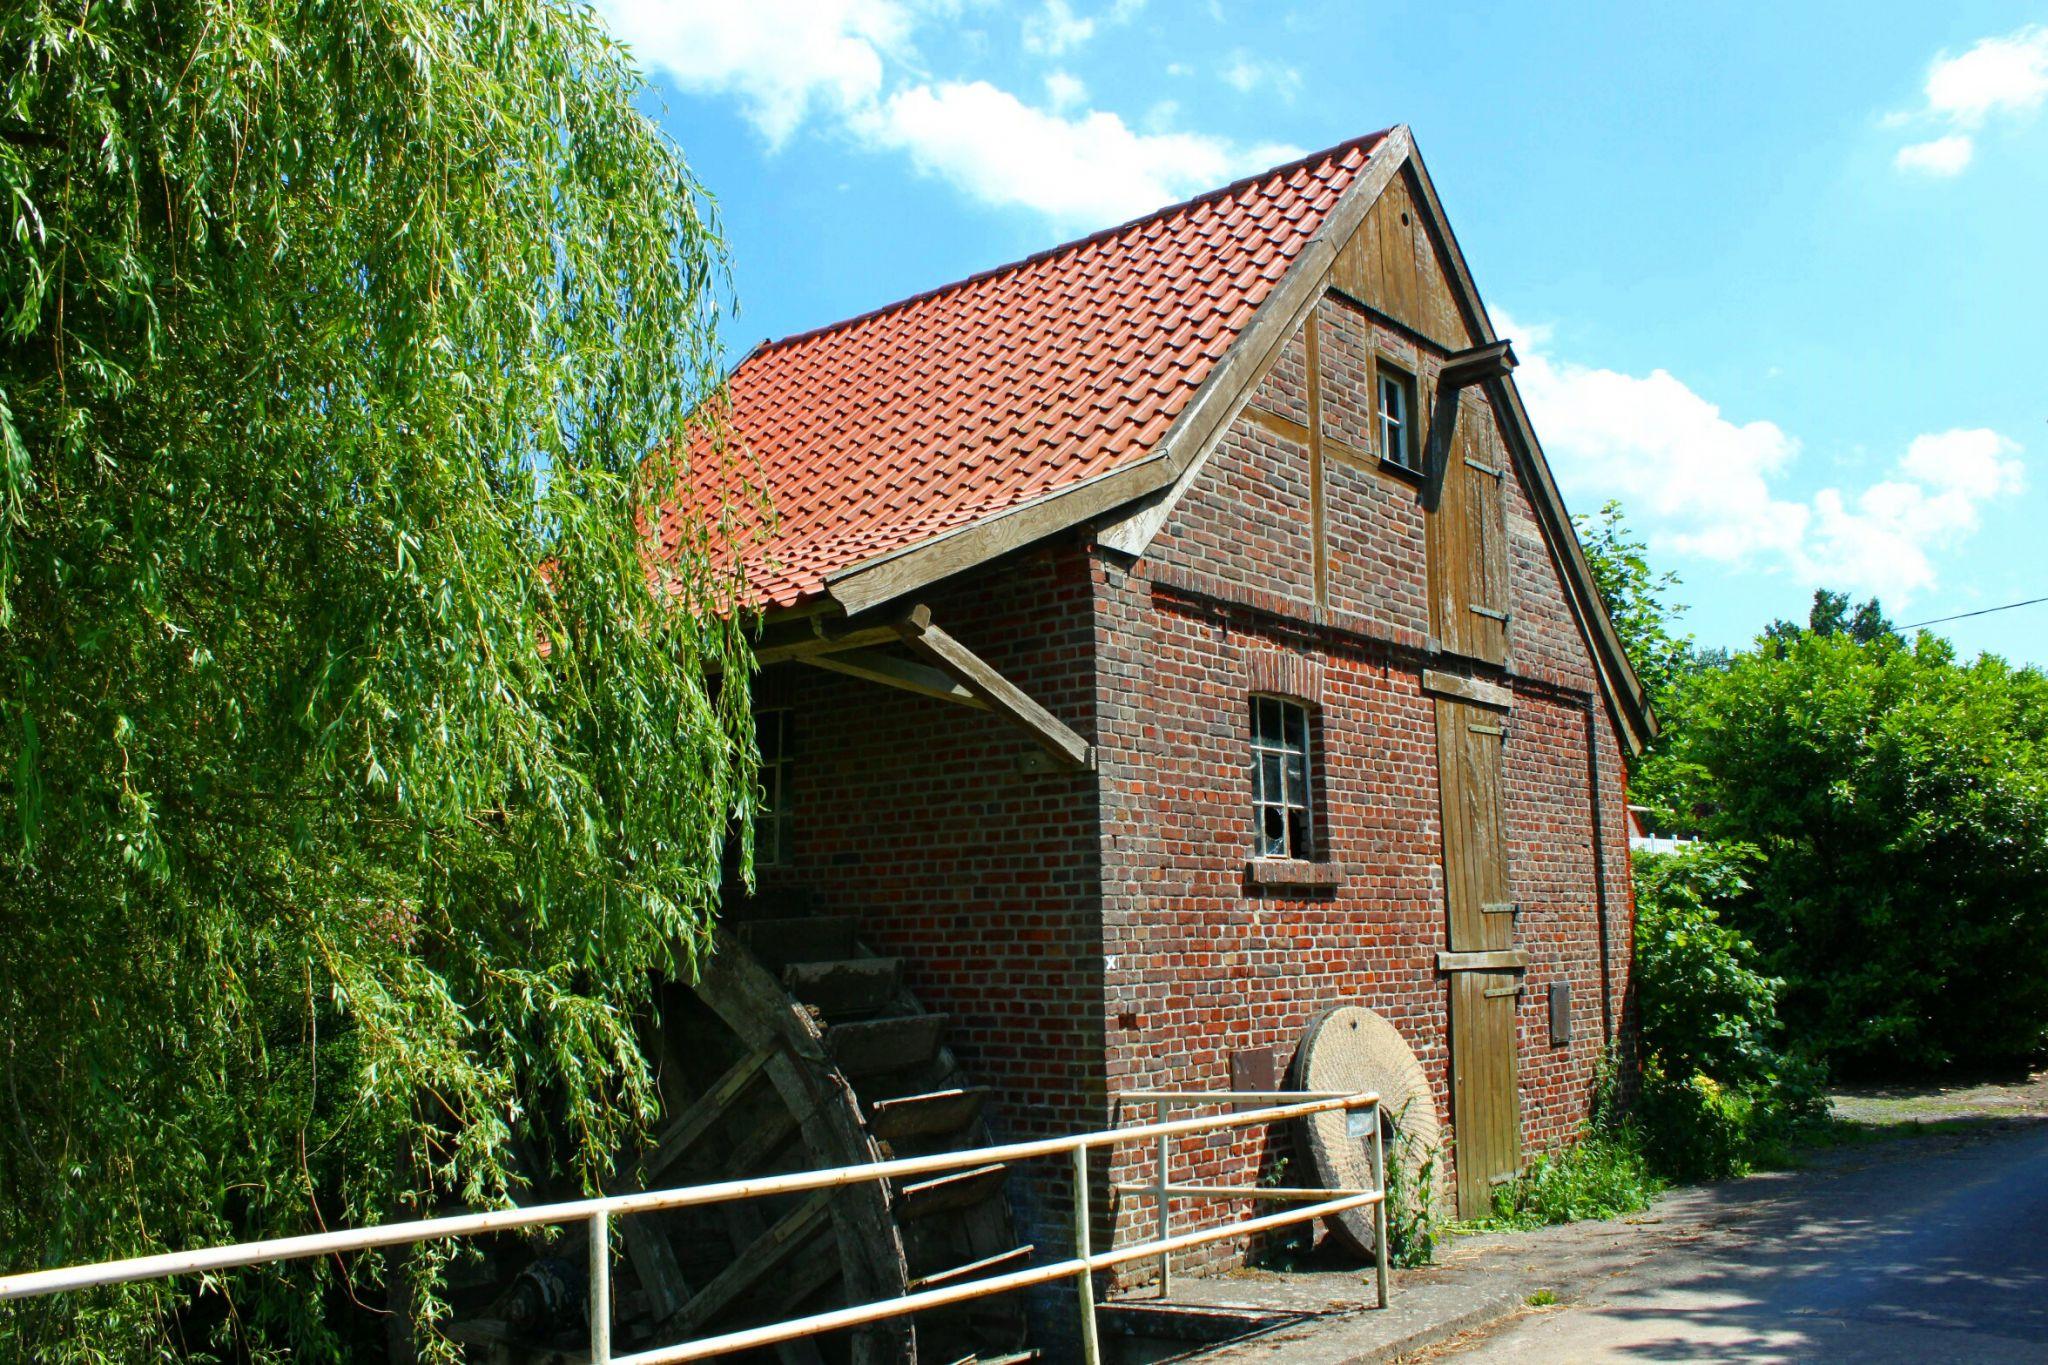 Klostermühle, Hohenholte, Germany